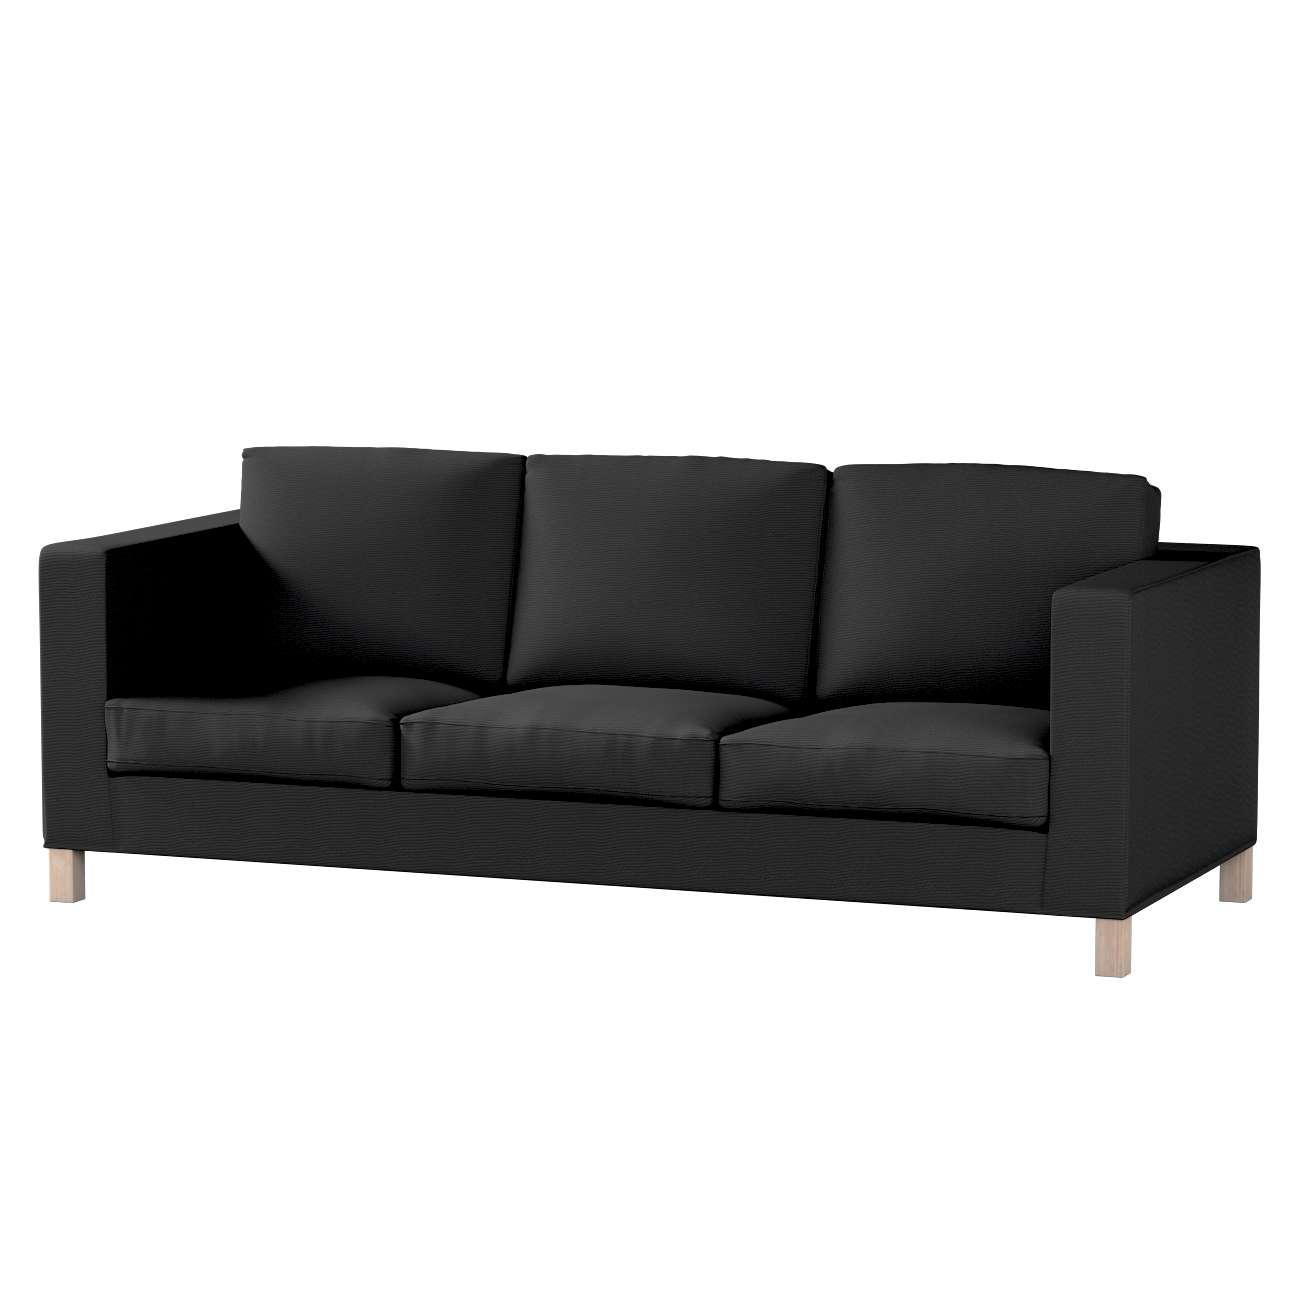 Karlanda 3-Sitzer  Sofabezug nicht ausklappbar kurz Karlanda 3-Sitzer, kurz von der Kollektion Etna, Stoff: 705-00